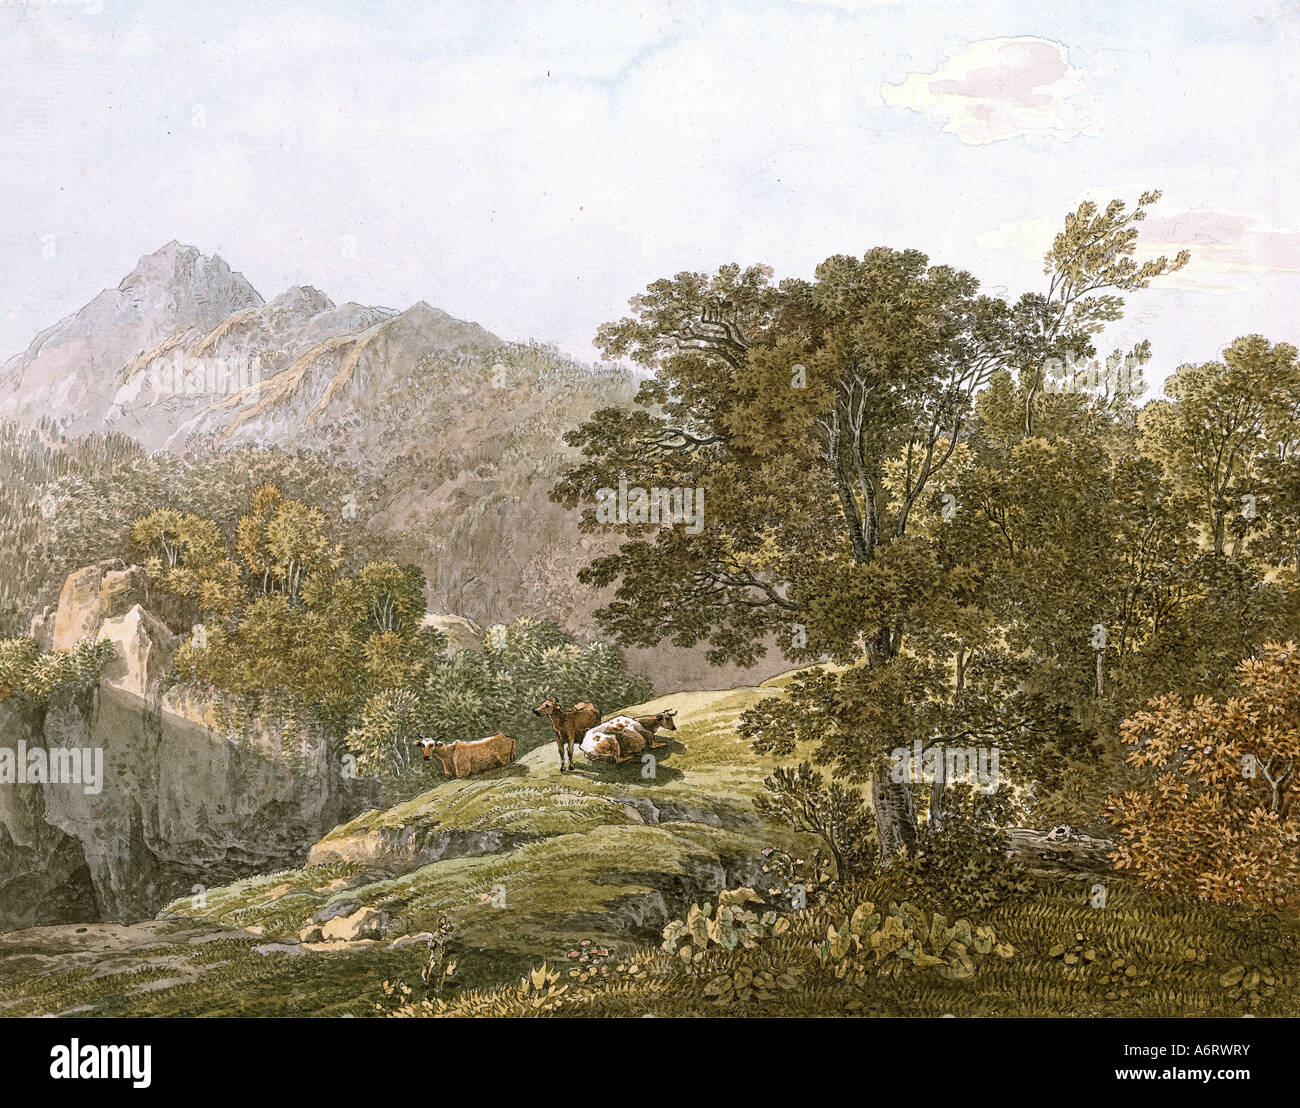 Bellas artes, Klotz, Simon (1776 - 1824), Alpine de corrales de engorde, acuarela, circa 1840, 22,3x28 cm, colección Imagen De Stock